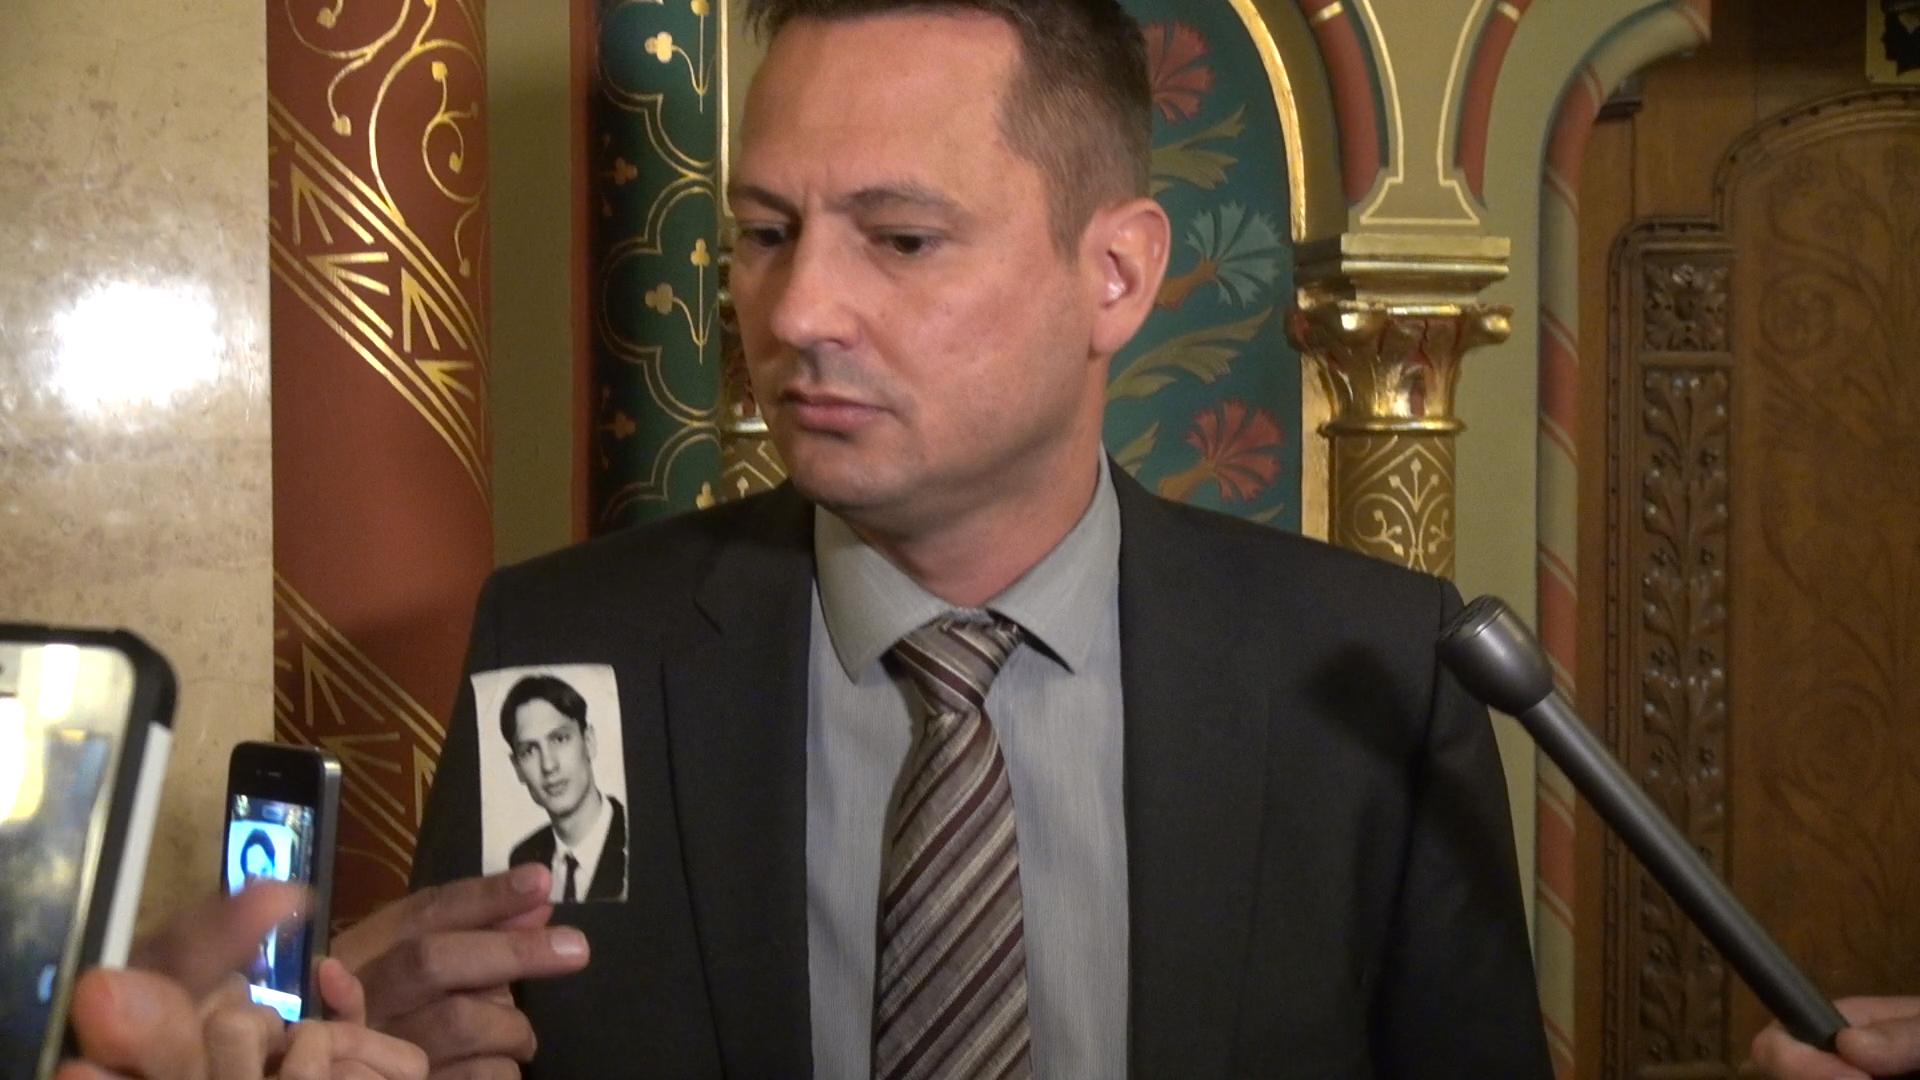 Fokozott biztonsági intézkedéseket akar a terrorveszély miatt Molnár Zsolt